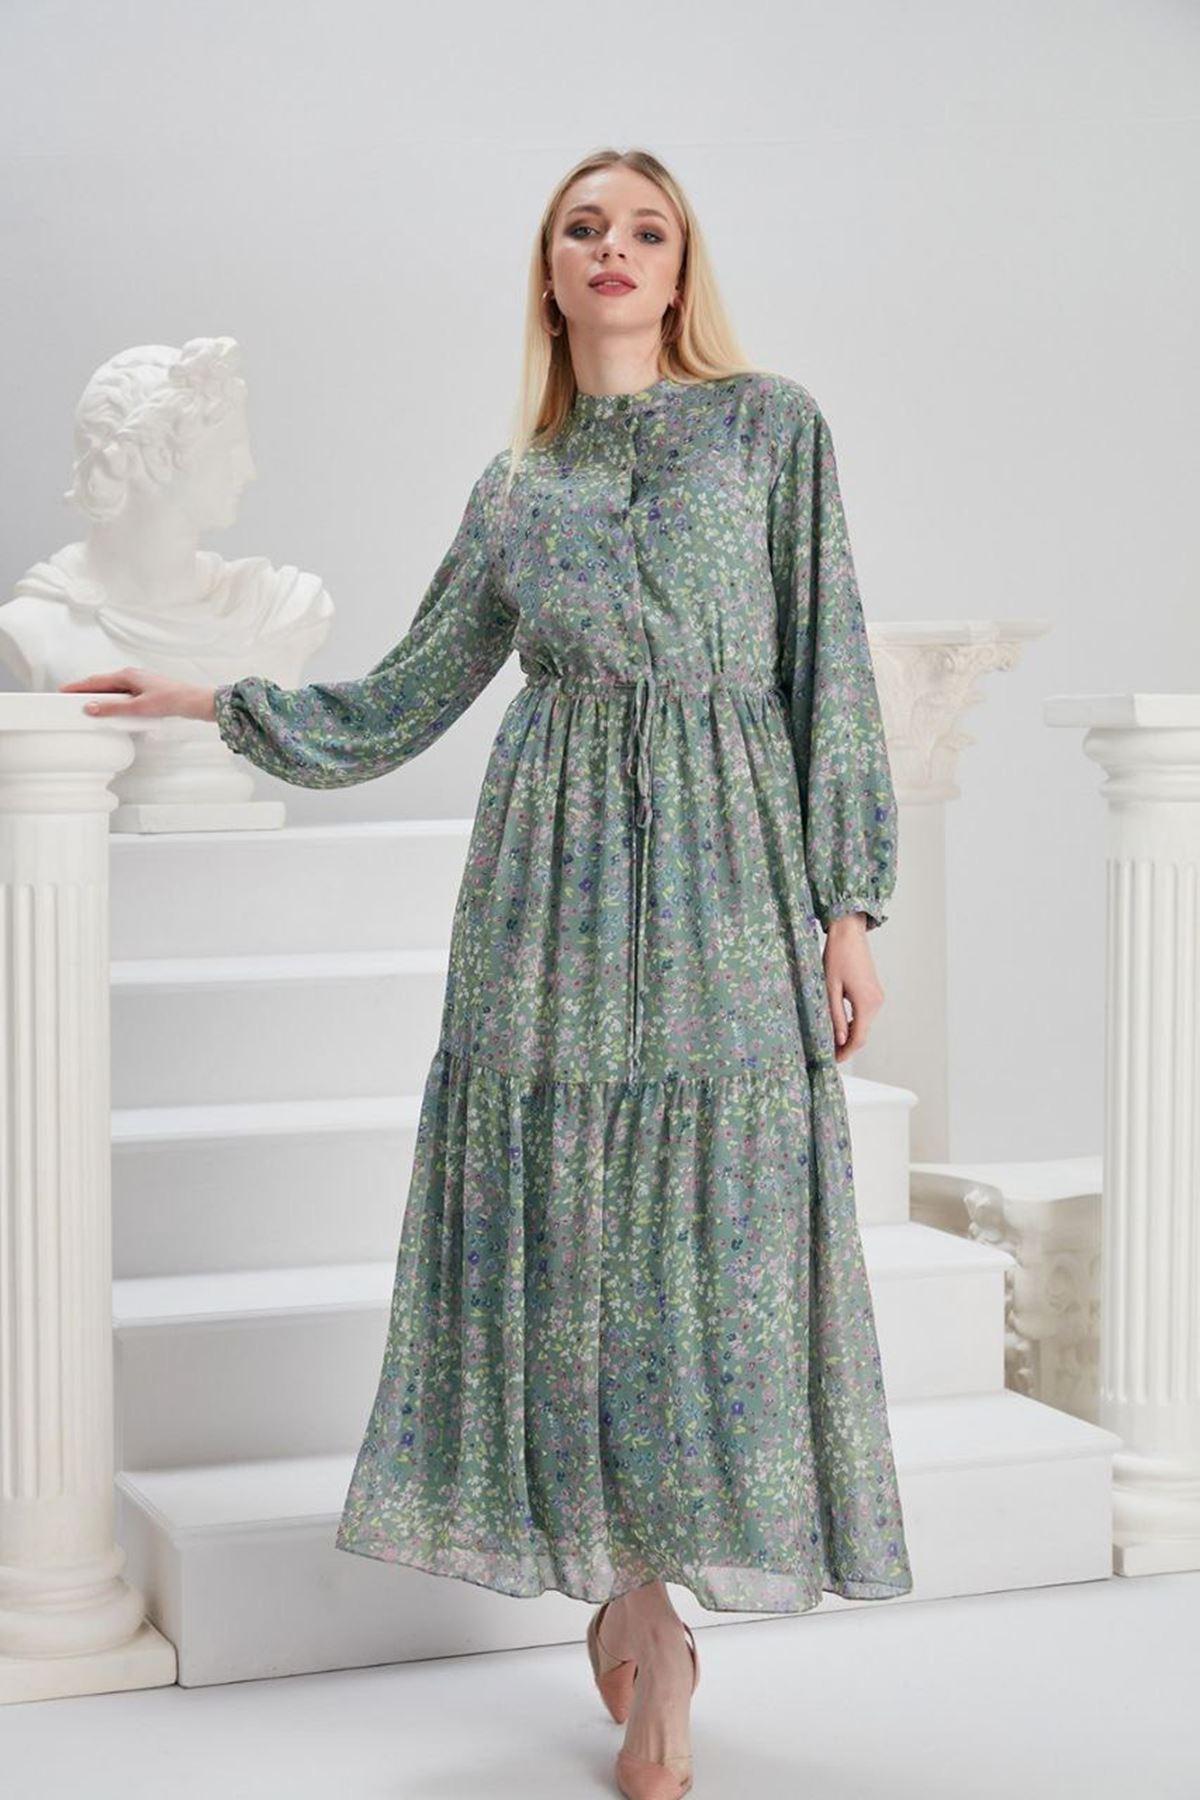 Kadın Beli Bağıcıklı Desenli Elbise - Yeşil